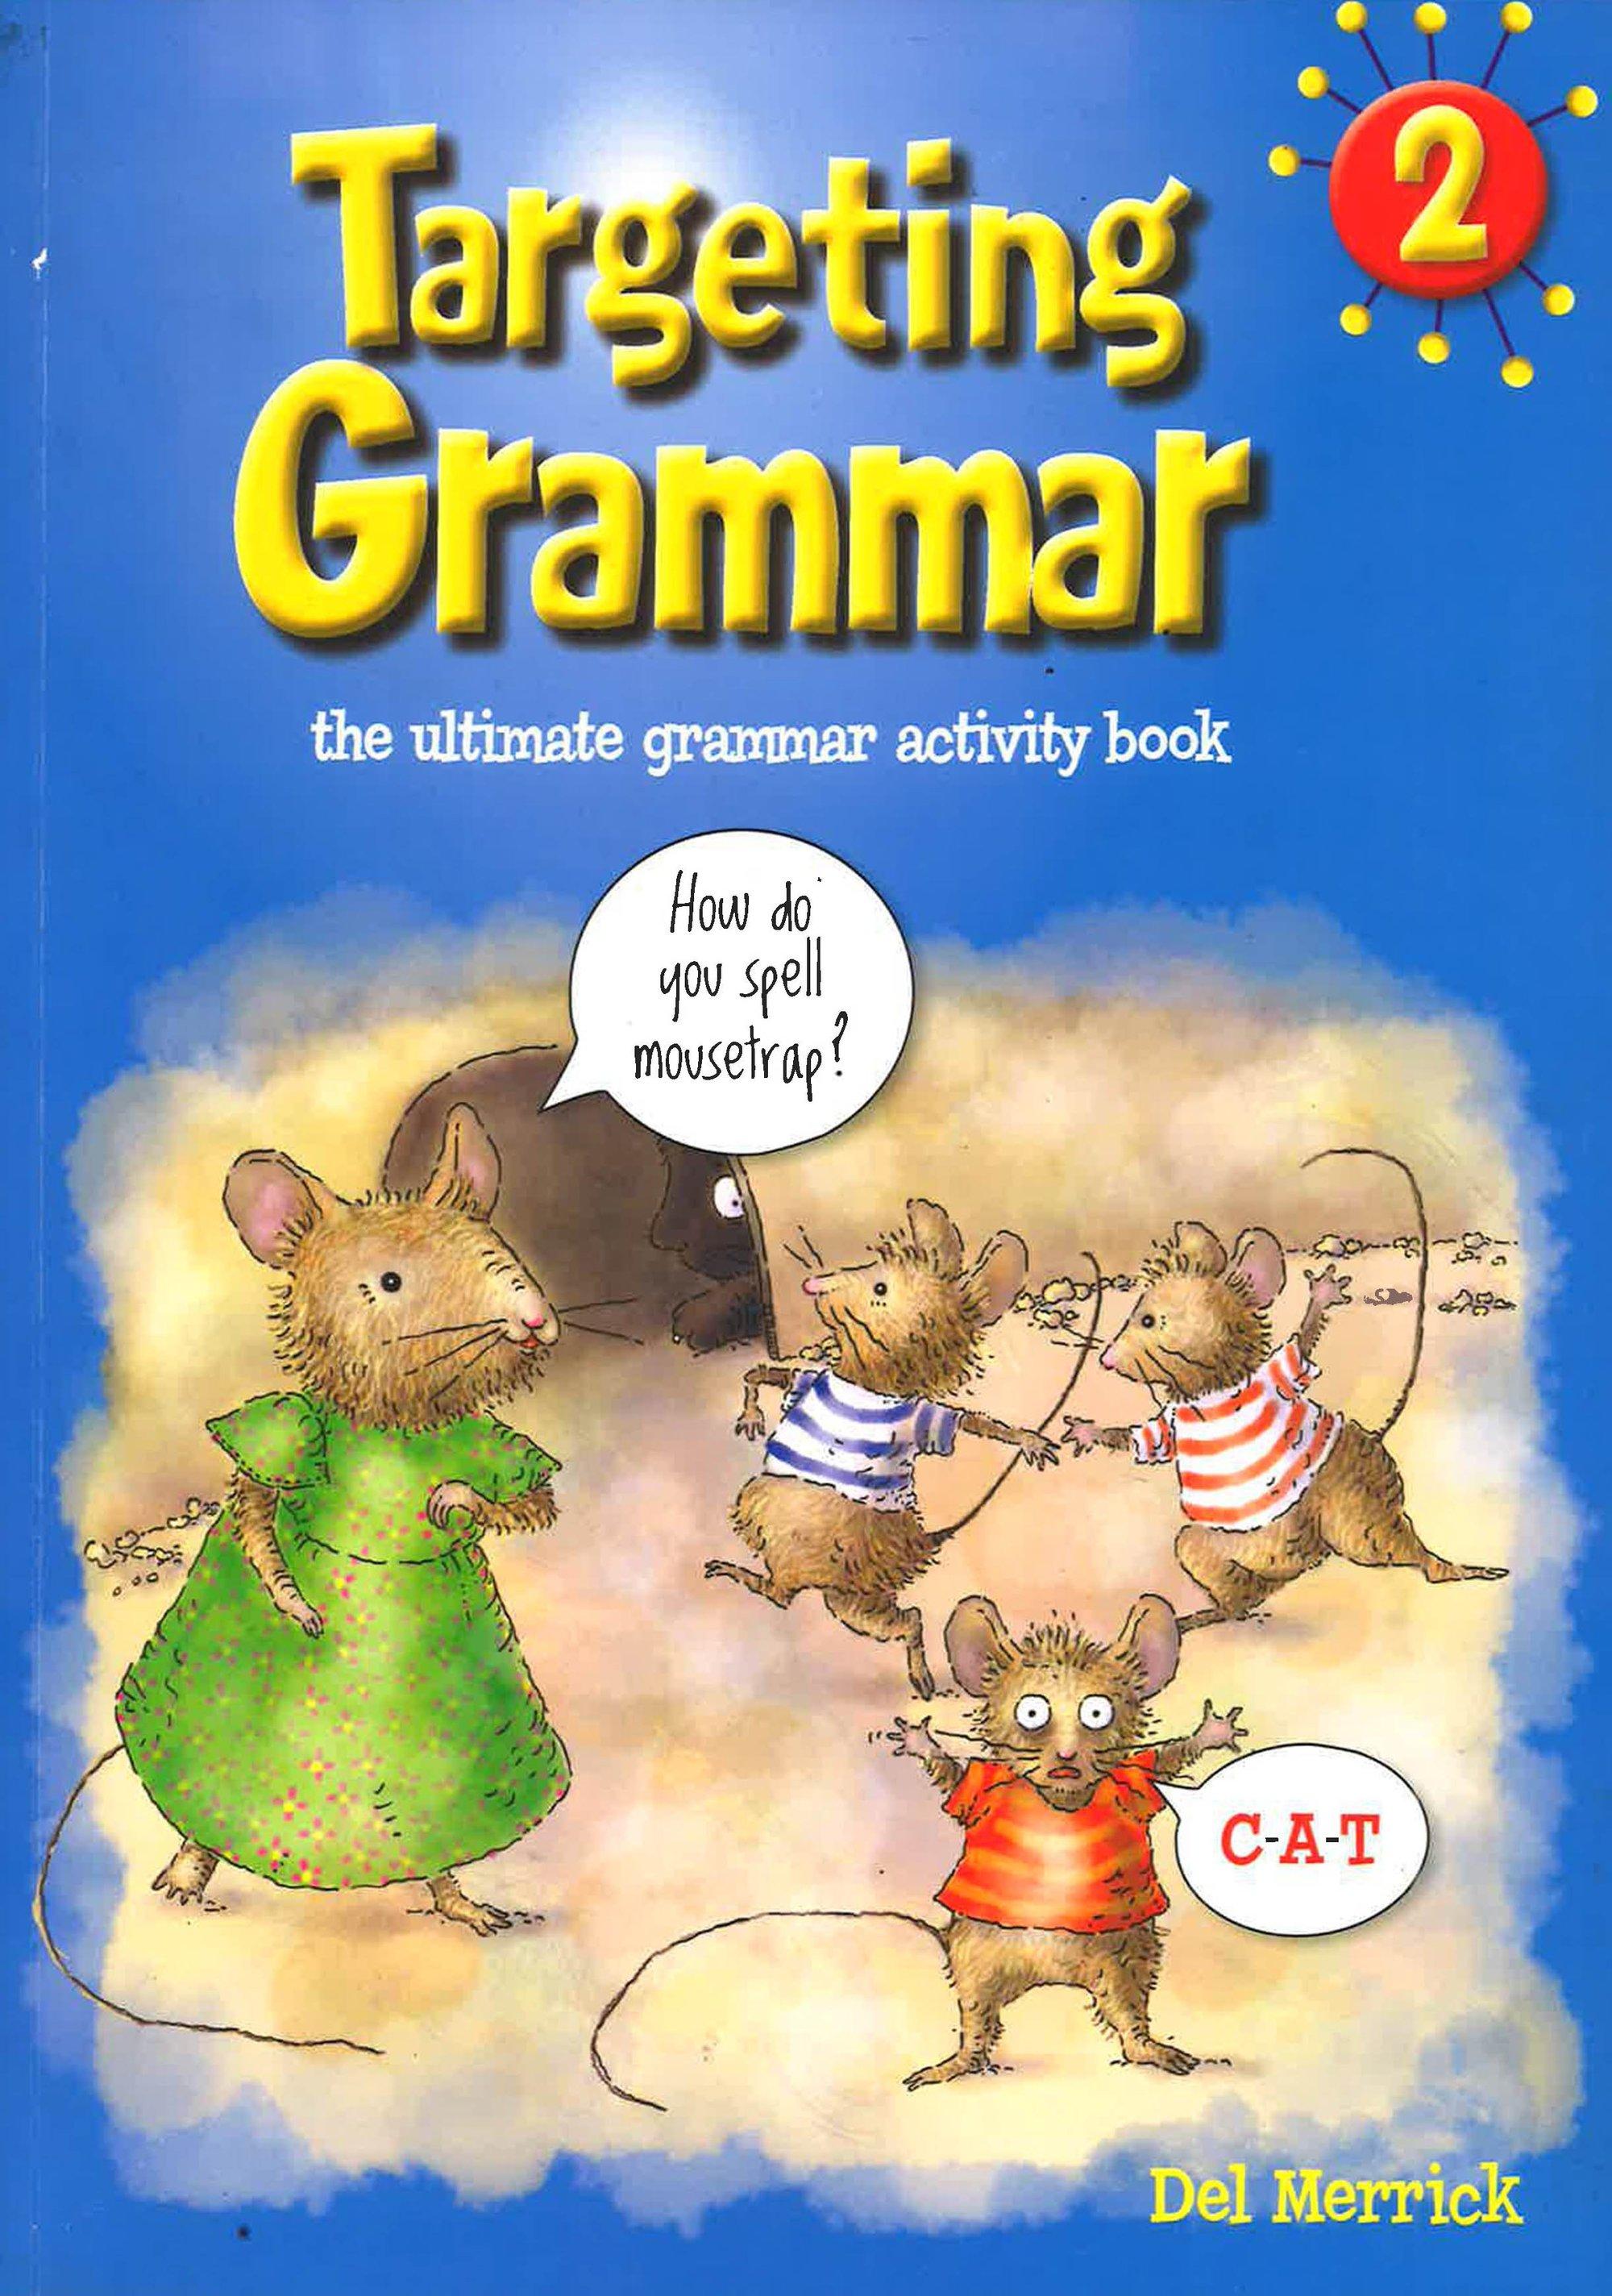 Targeting Grammar # 2